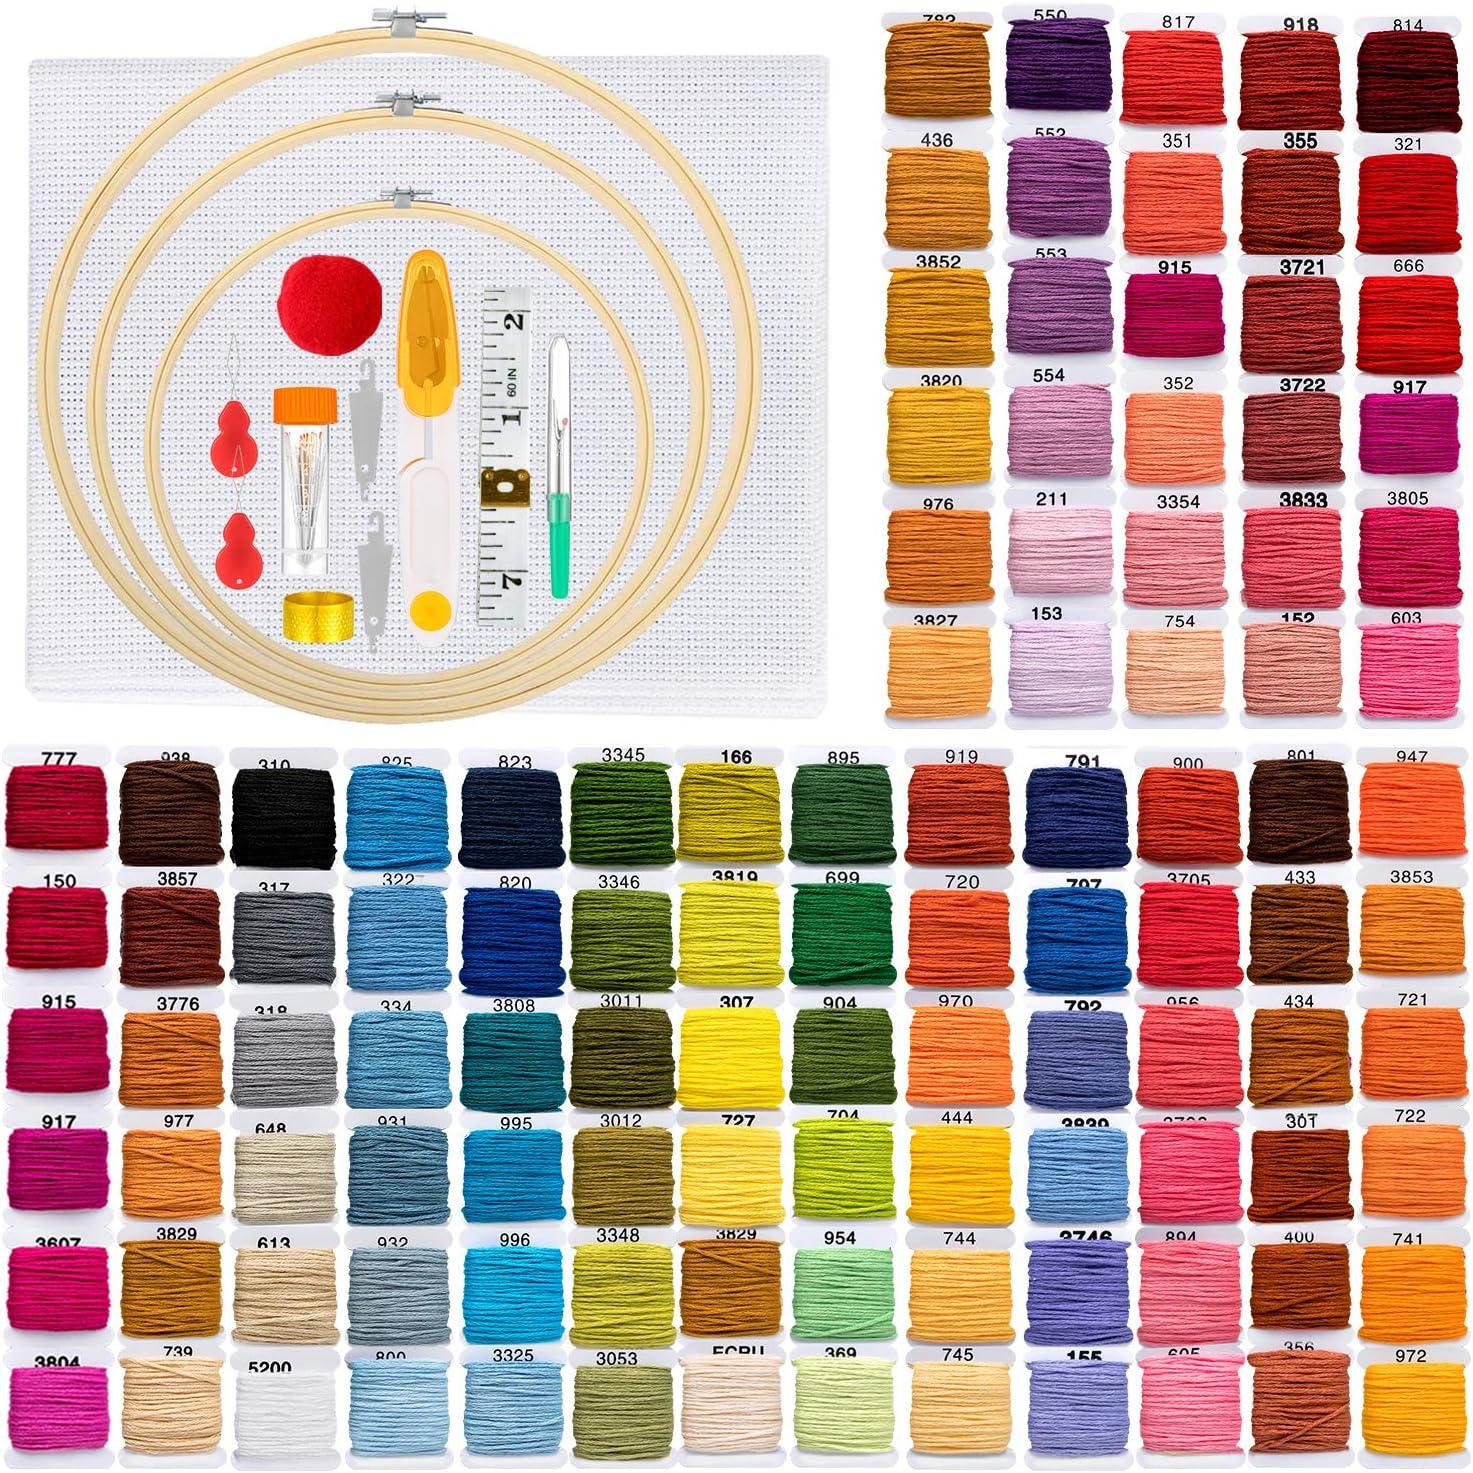 ZWOOS Stickerei Set Stickgarn und Werkzeugen f/ür N/ähen Handwerk 3 St/ück Set Kreuzstich Set 3 Pack 1 Stickrahmen DIY Kunst Komplettes Sortiment an Stickstarter-Kits mit Mustern und Anleitungen